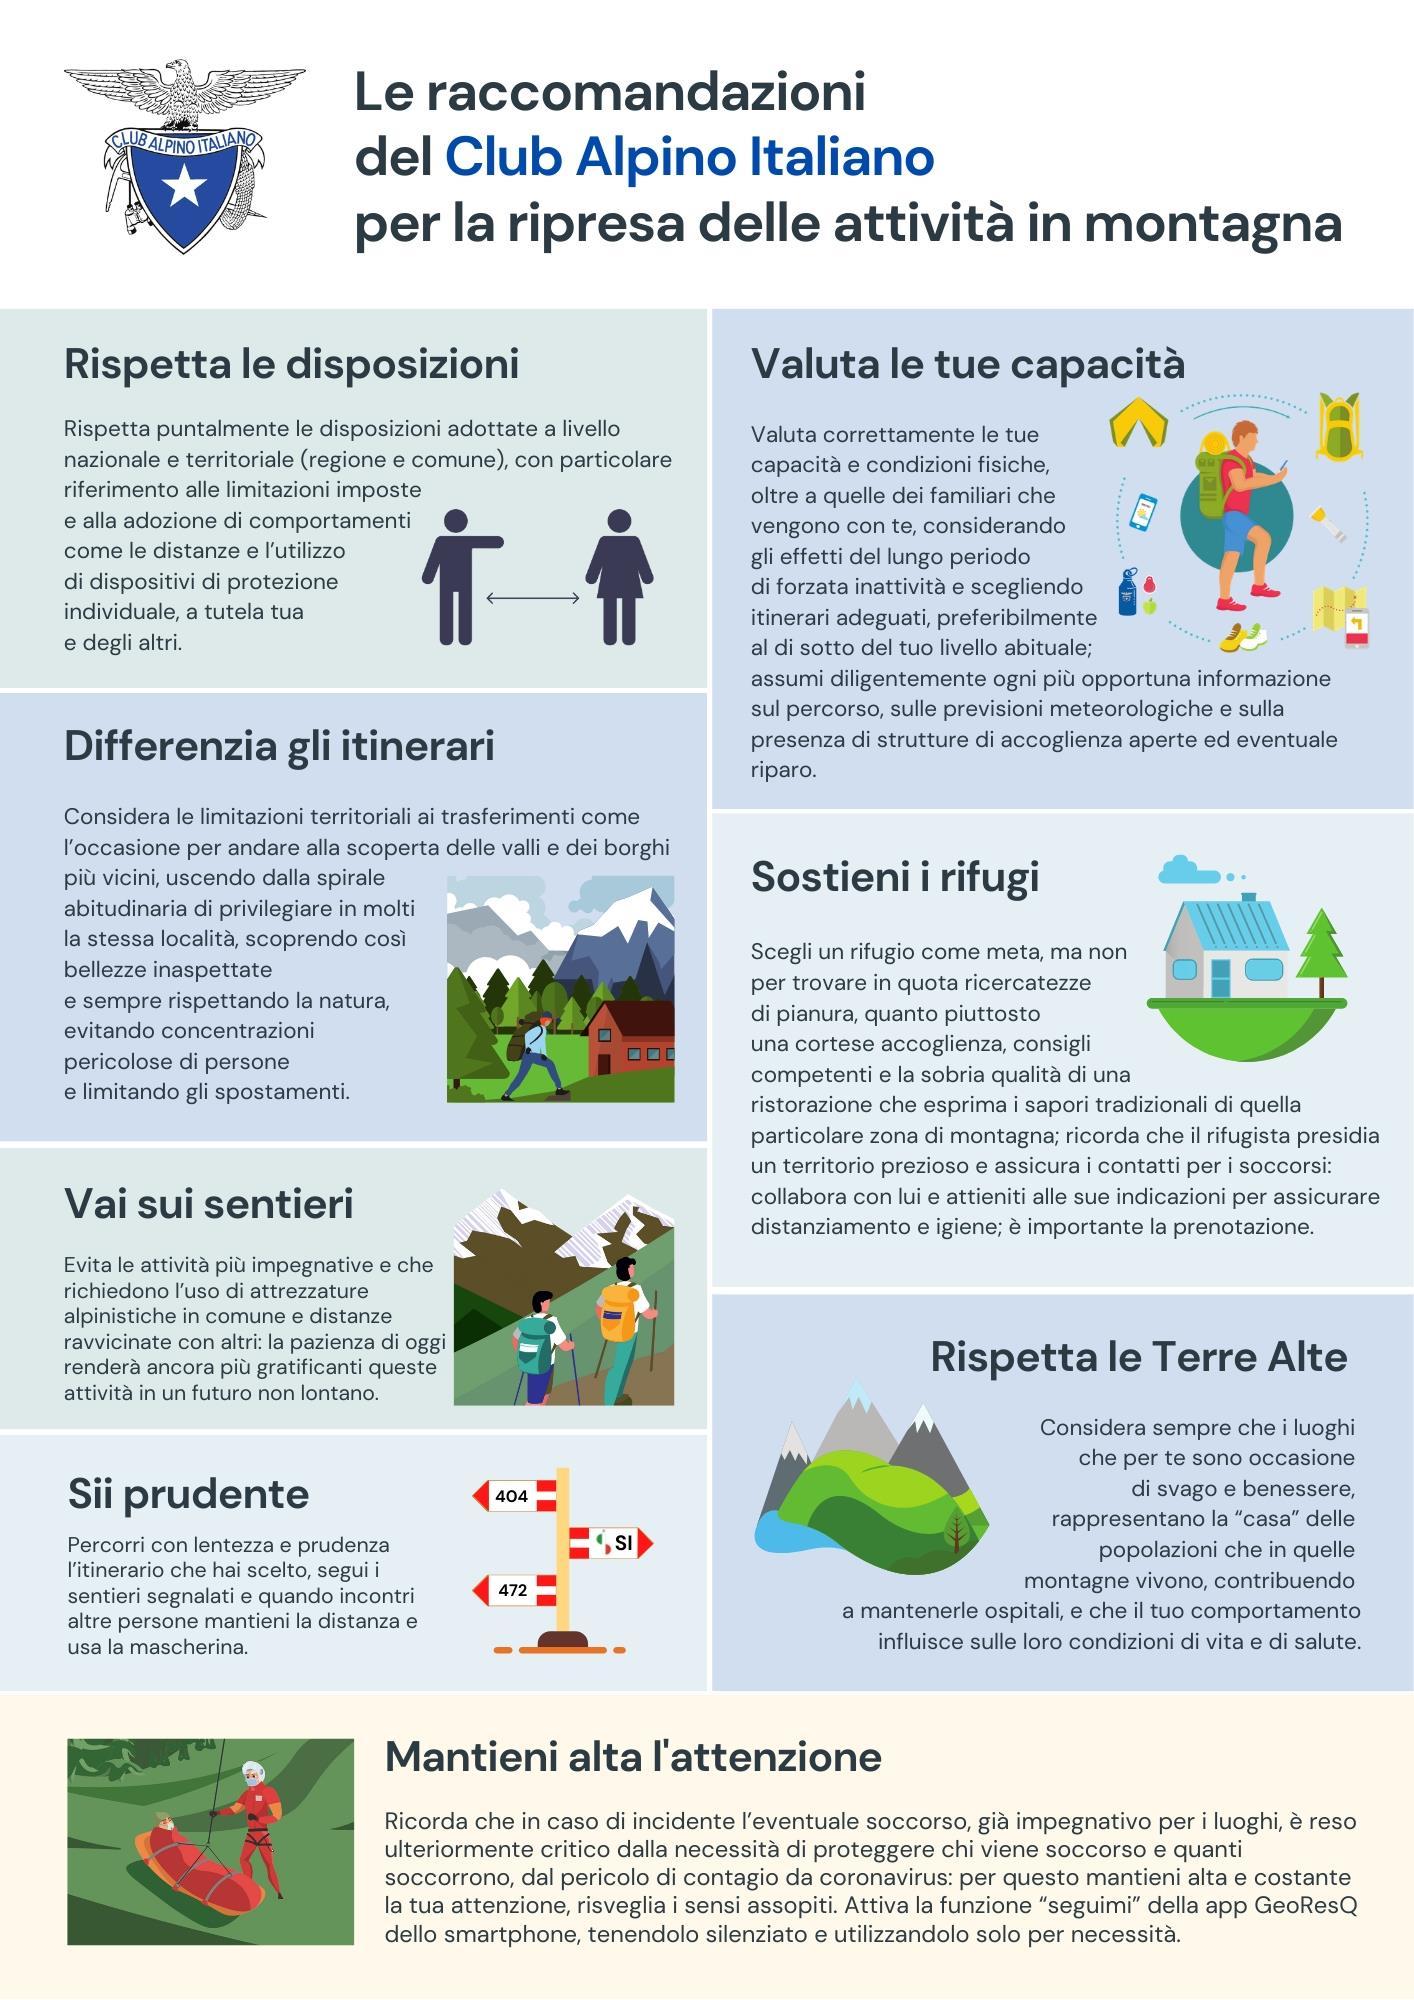 COMUNICATO STAMPA #ClubAlpinoItaliano